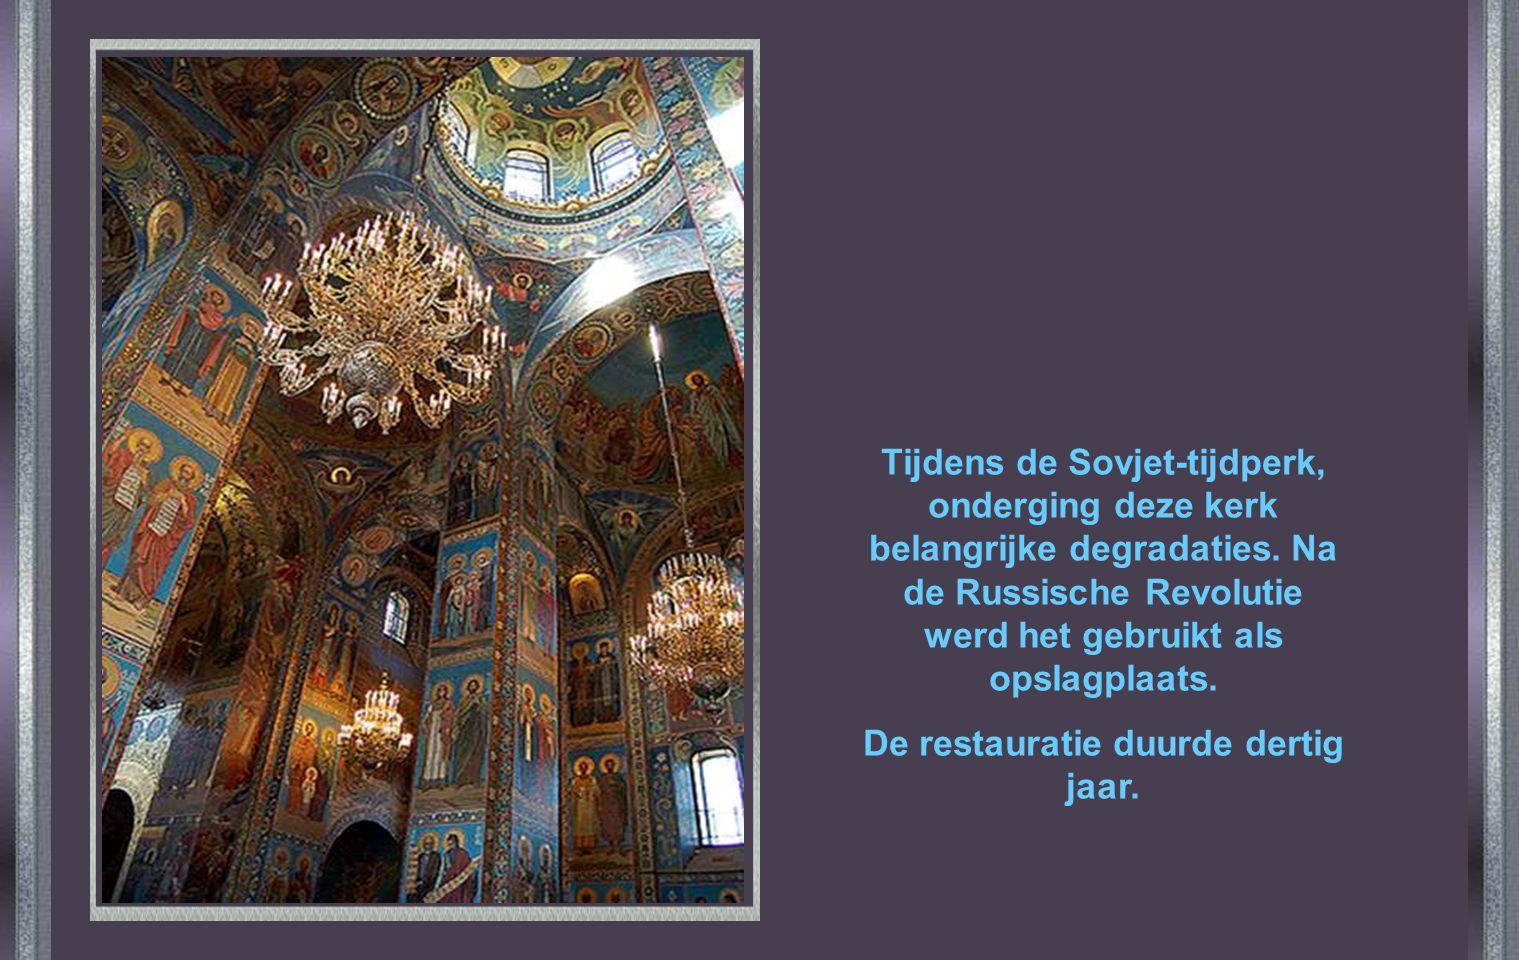 Zowel het interieur als het exterieur zijn geweldig Het interieur is geheel bedekt met religieuze mozaïeken